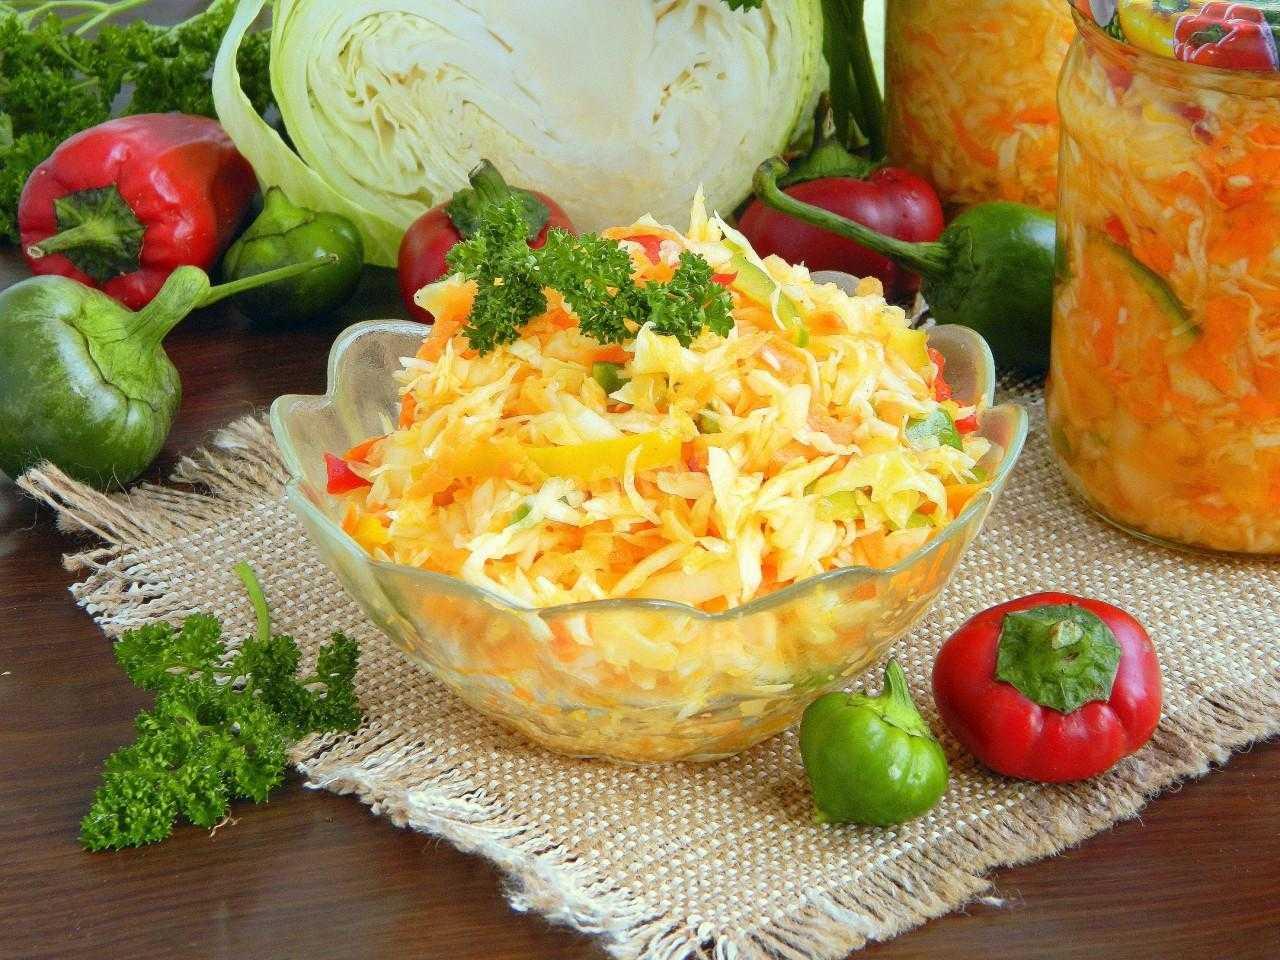 Салат с виноградом - 37 рецептов приготовления пошагово - 1000.menu